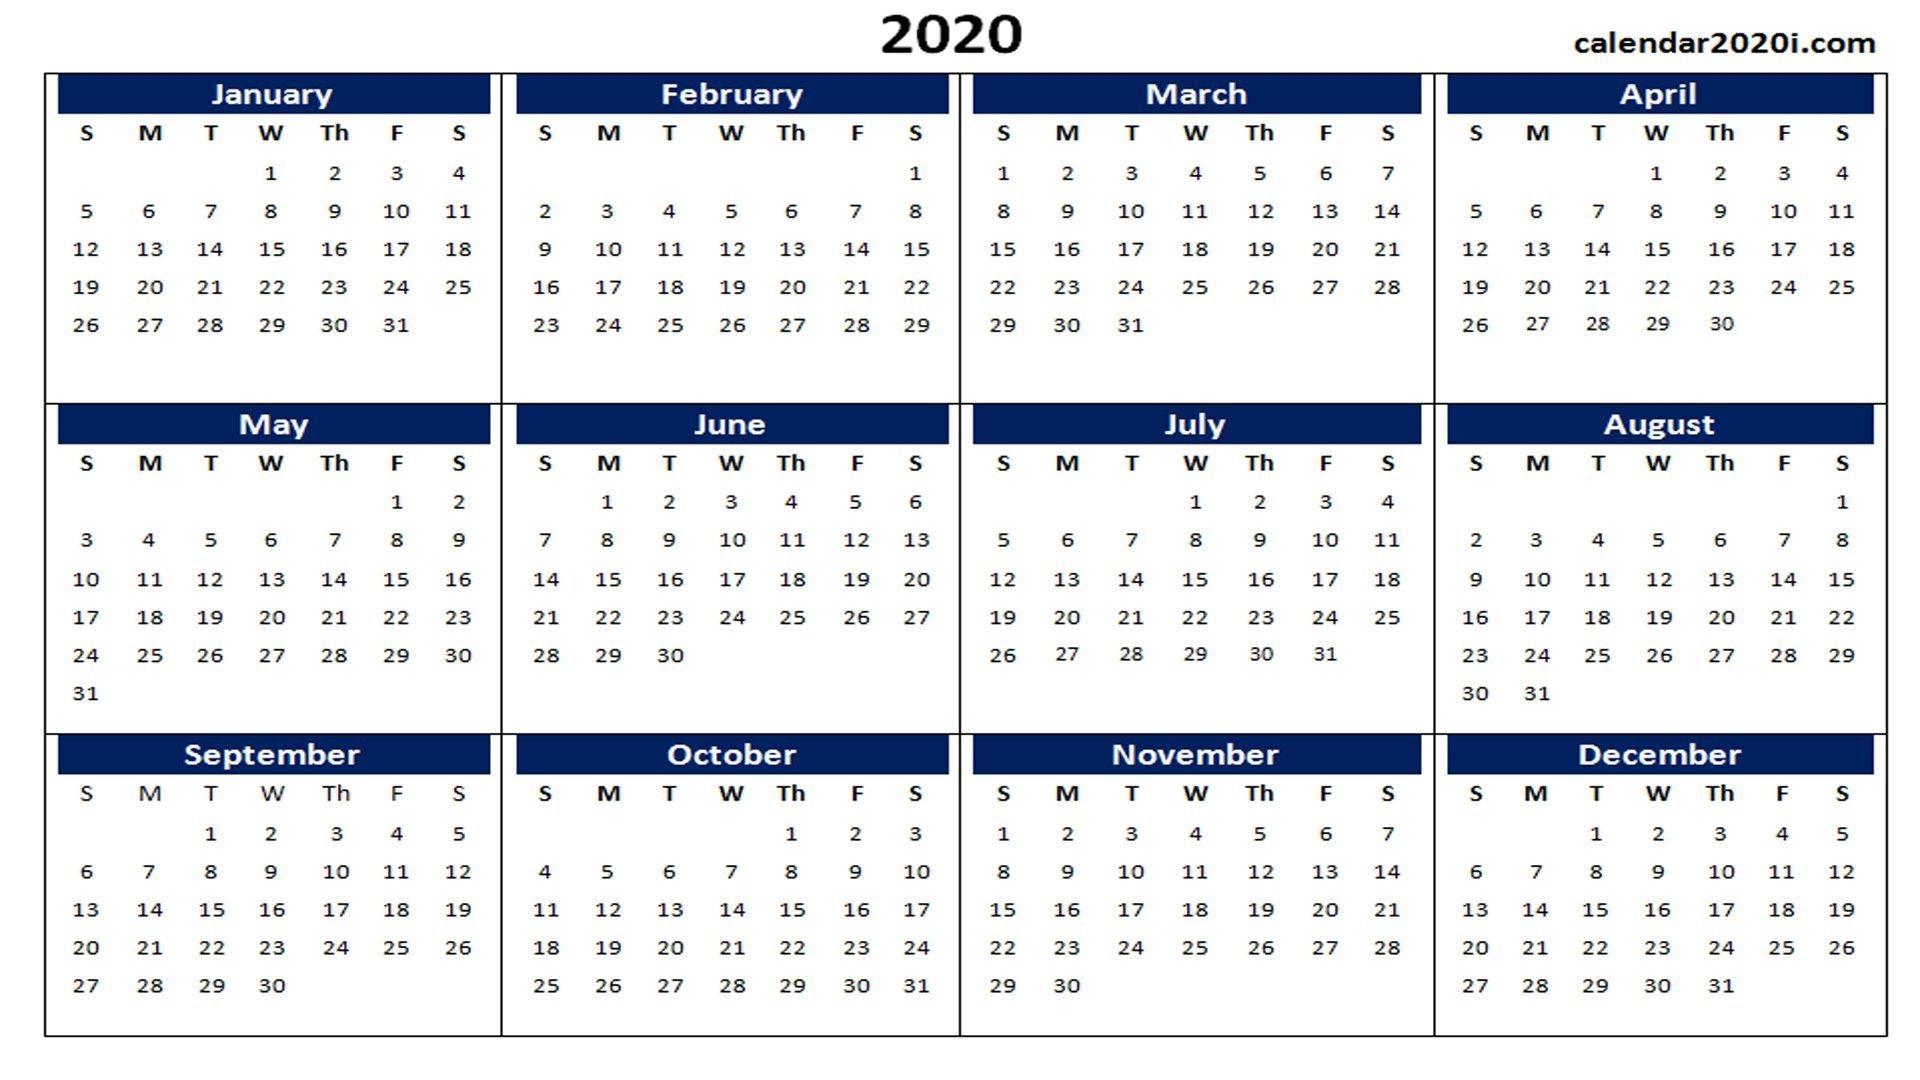 Календарь 2020 С Номерами Недель Скачать Twin Monica